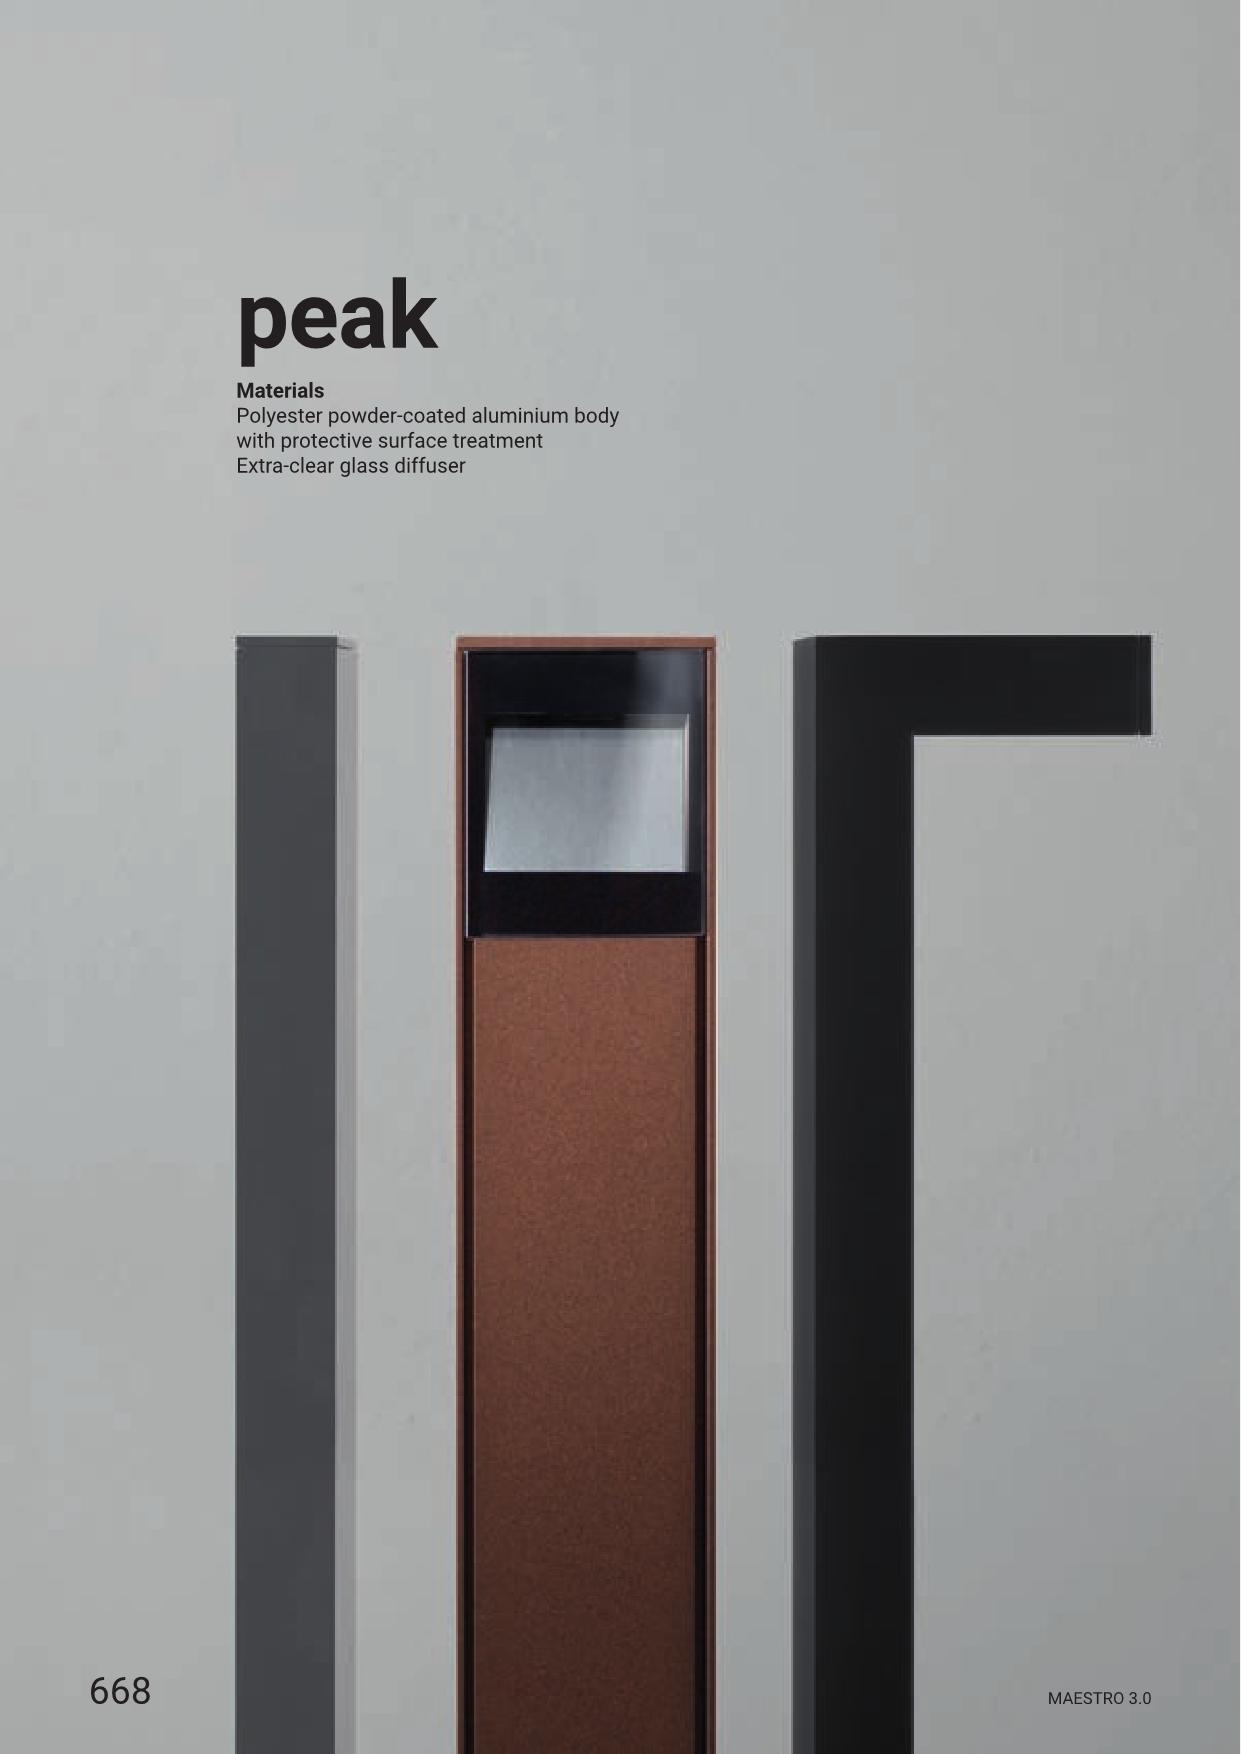 Linea Light – Peak